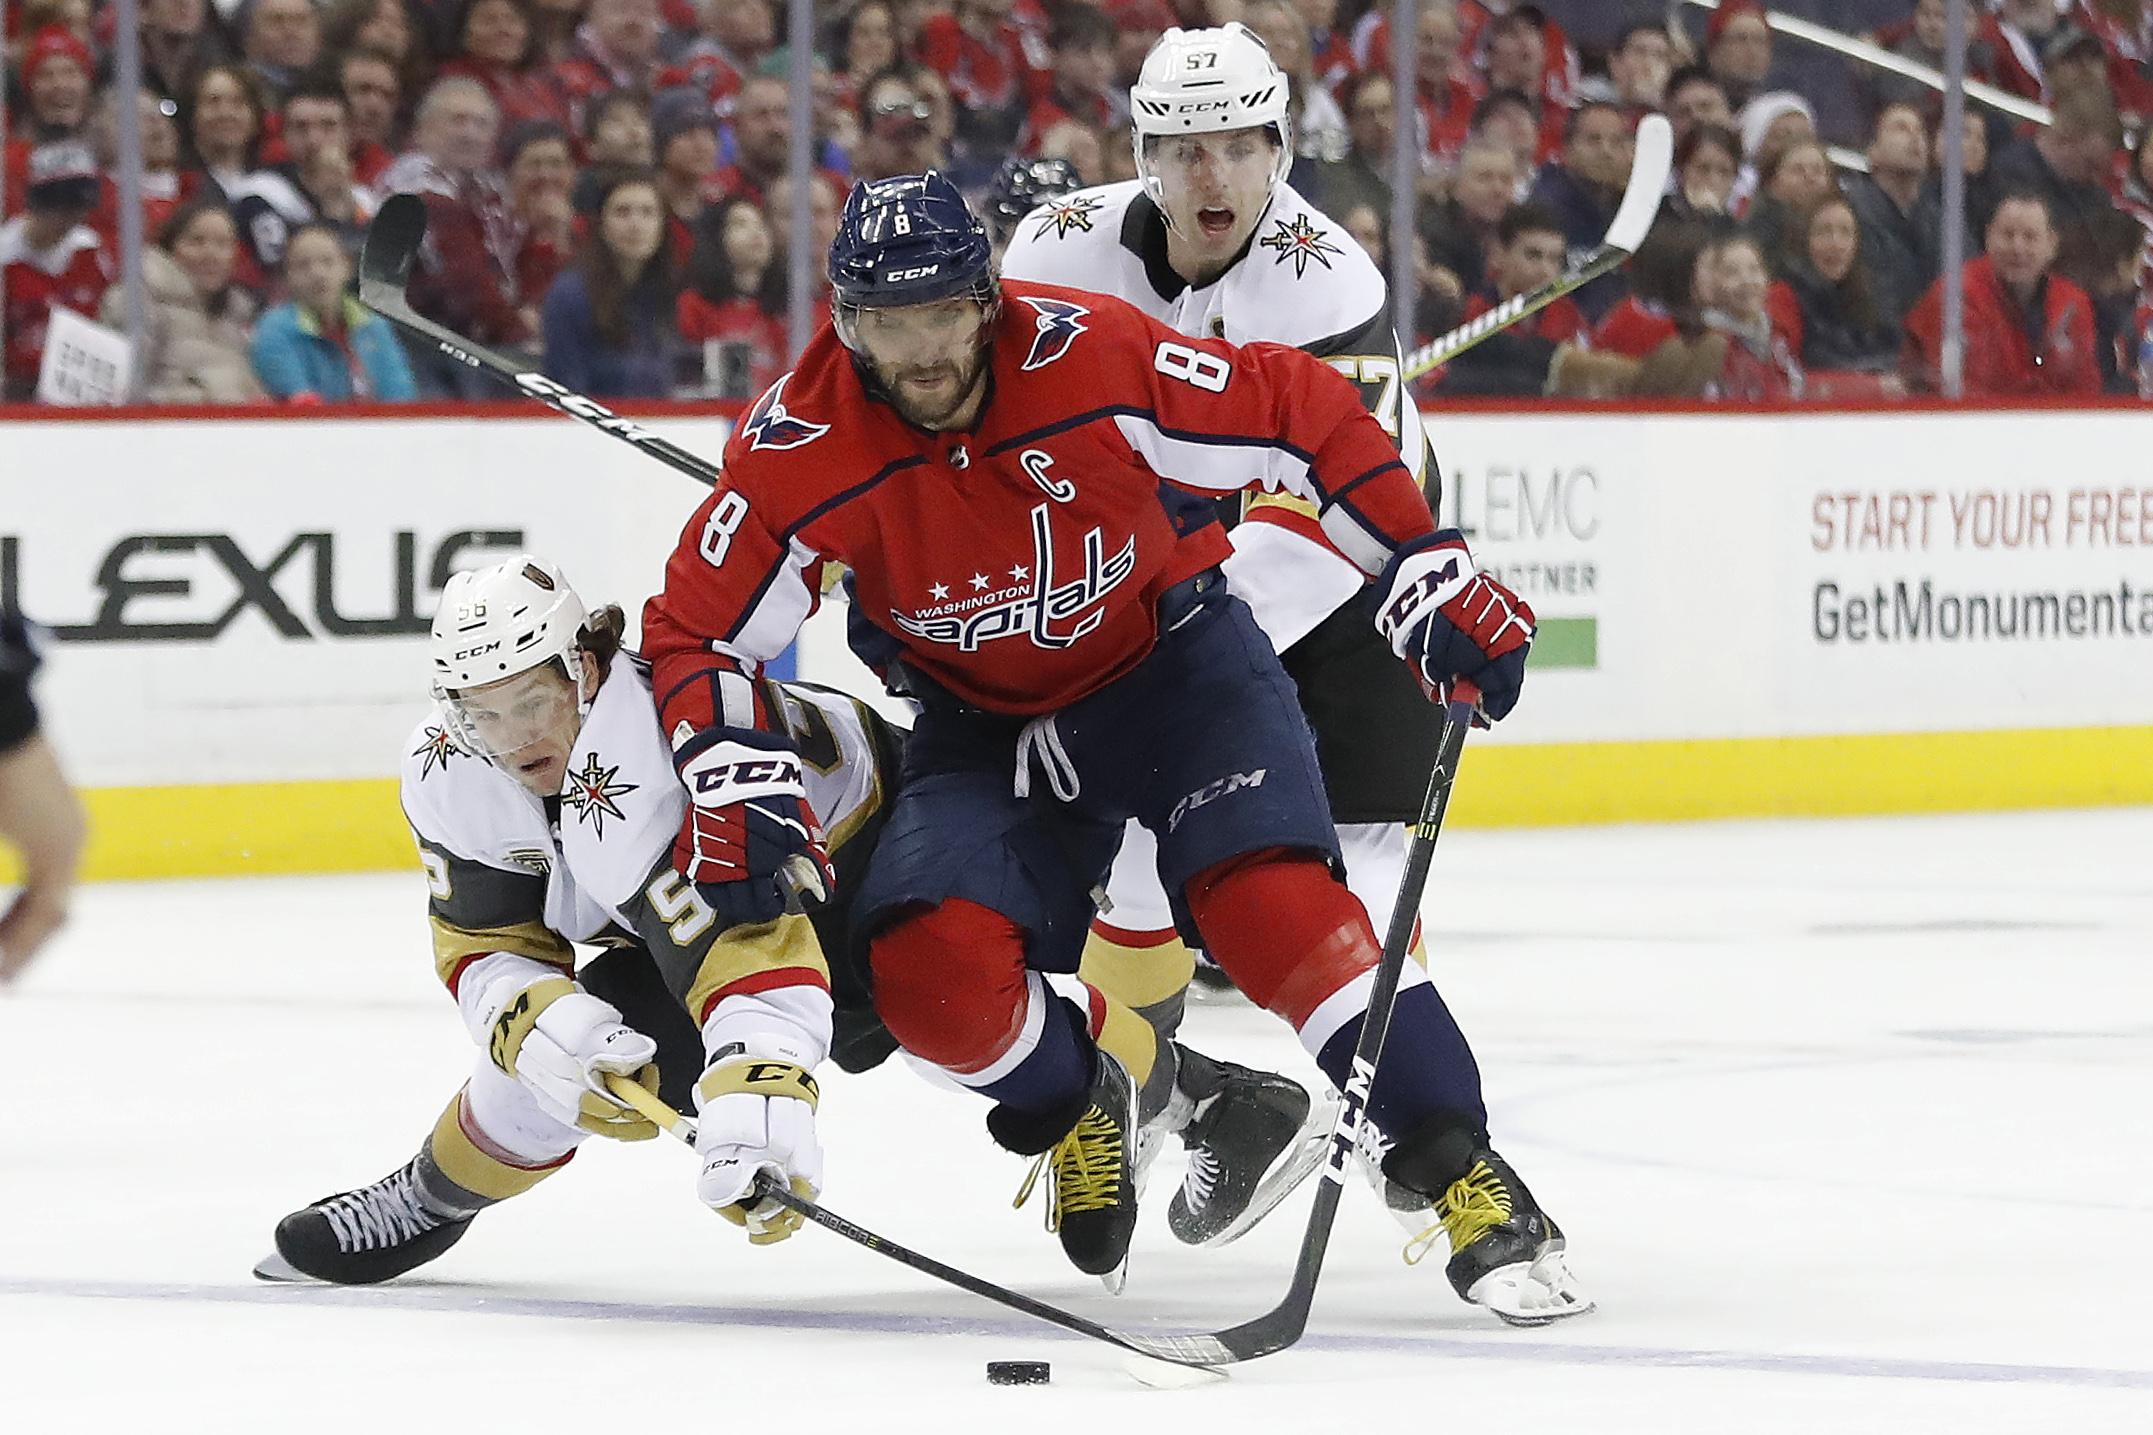 NHL: Vegas Golden Knights at Washington Capitals